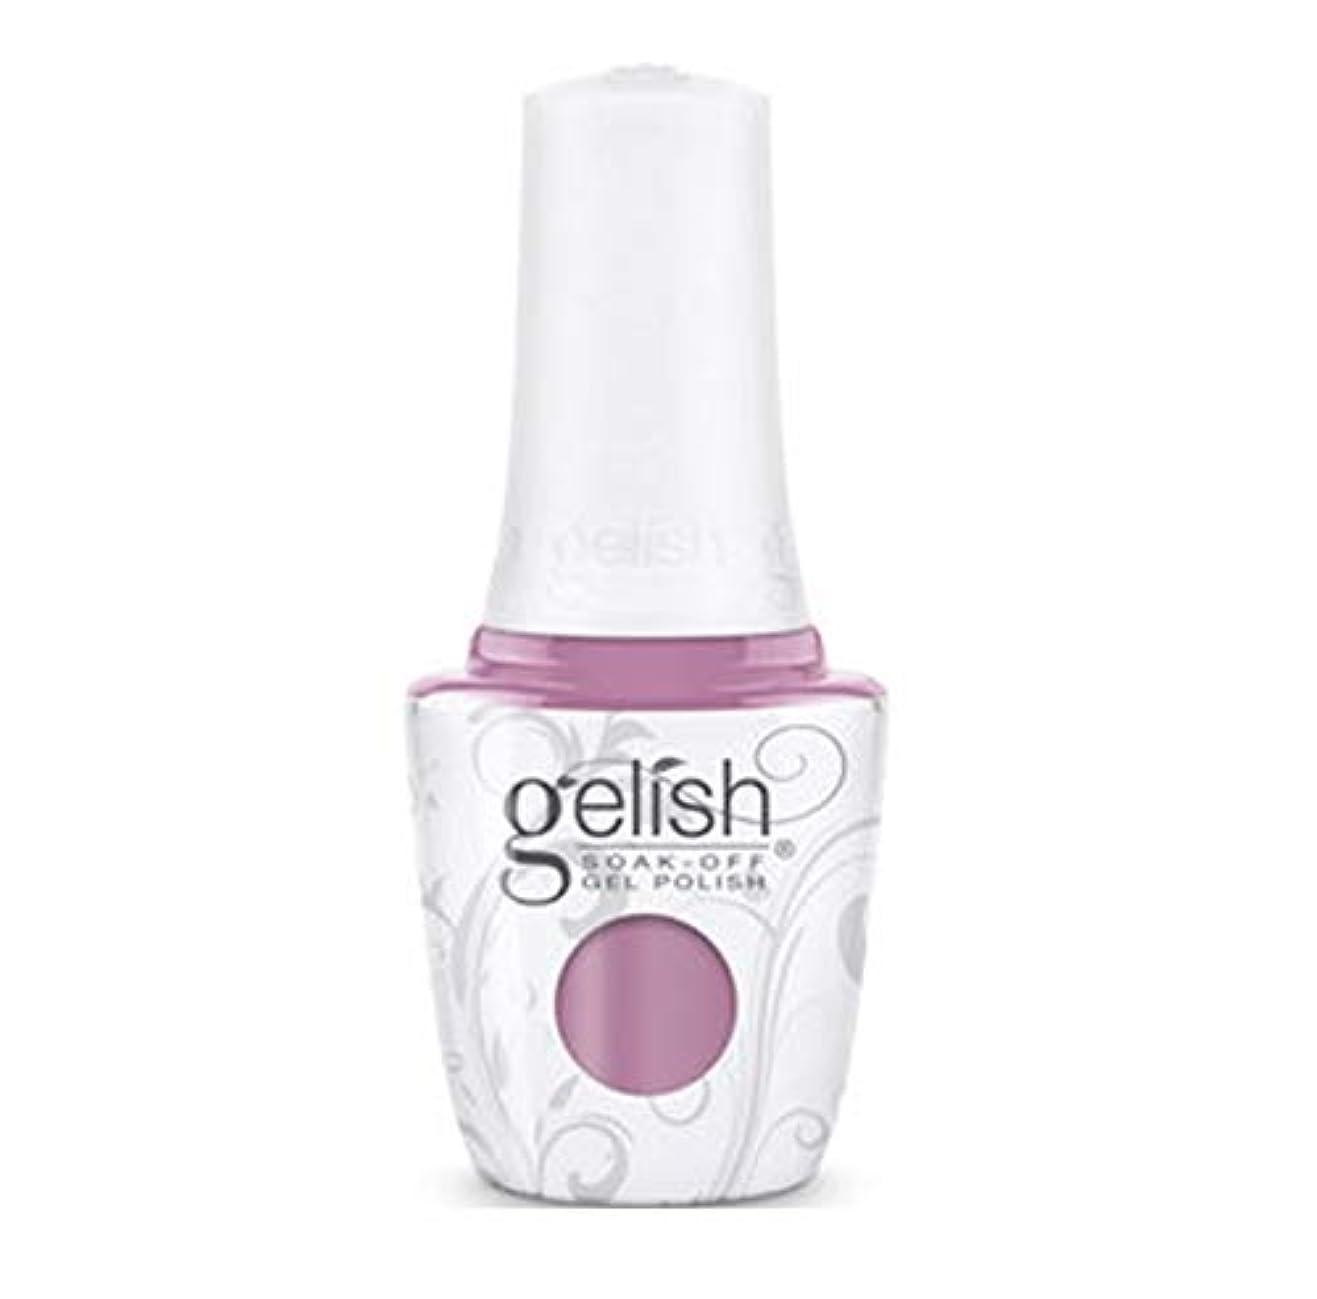 シェトランド諸島レイアウト大きいHarmony Gelish - The Color of Petals - Merci Bouquet - 15 mL / 0.5 oz